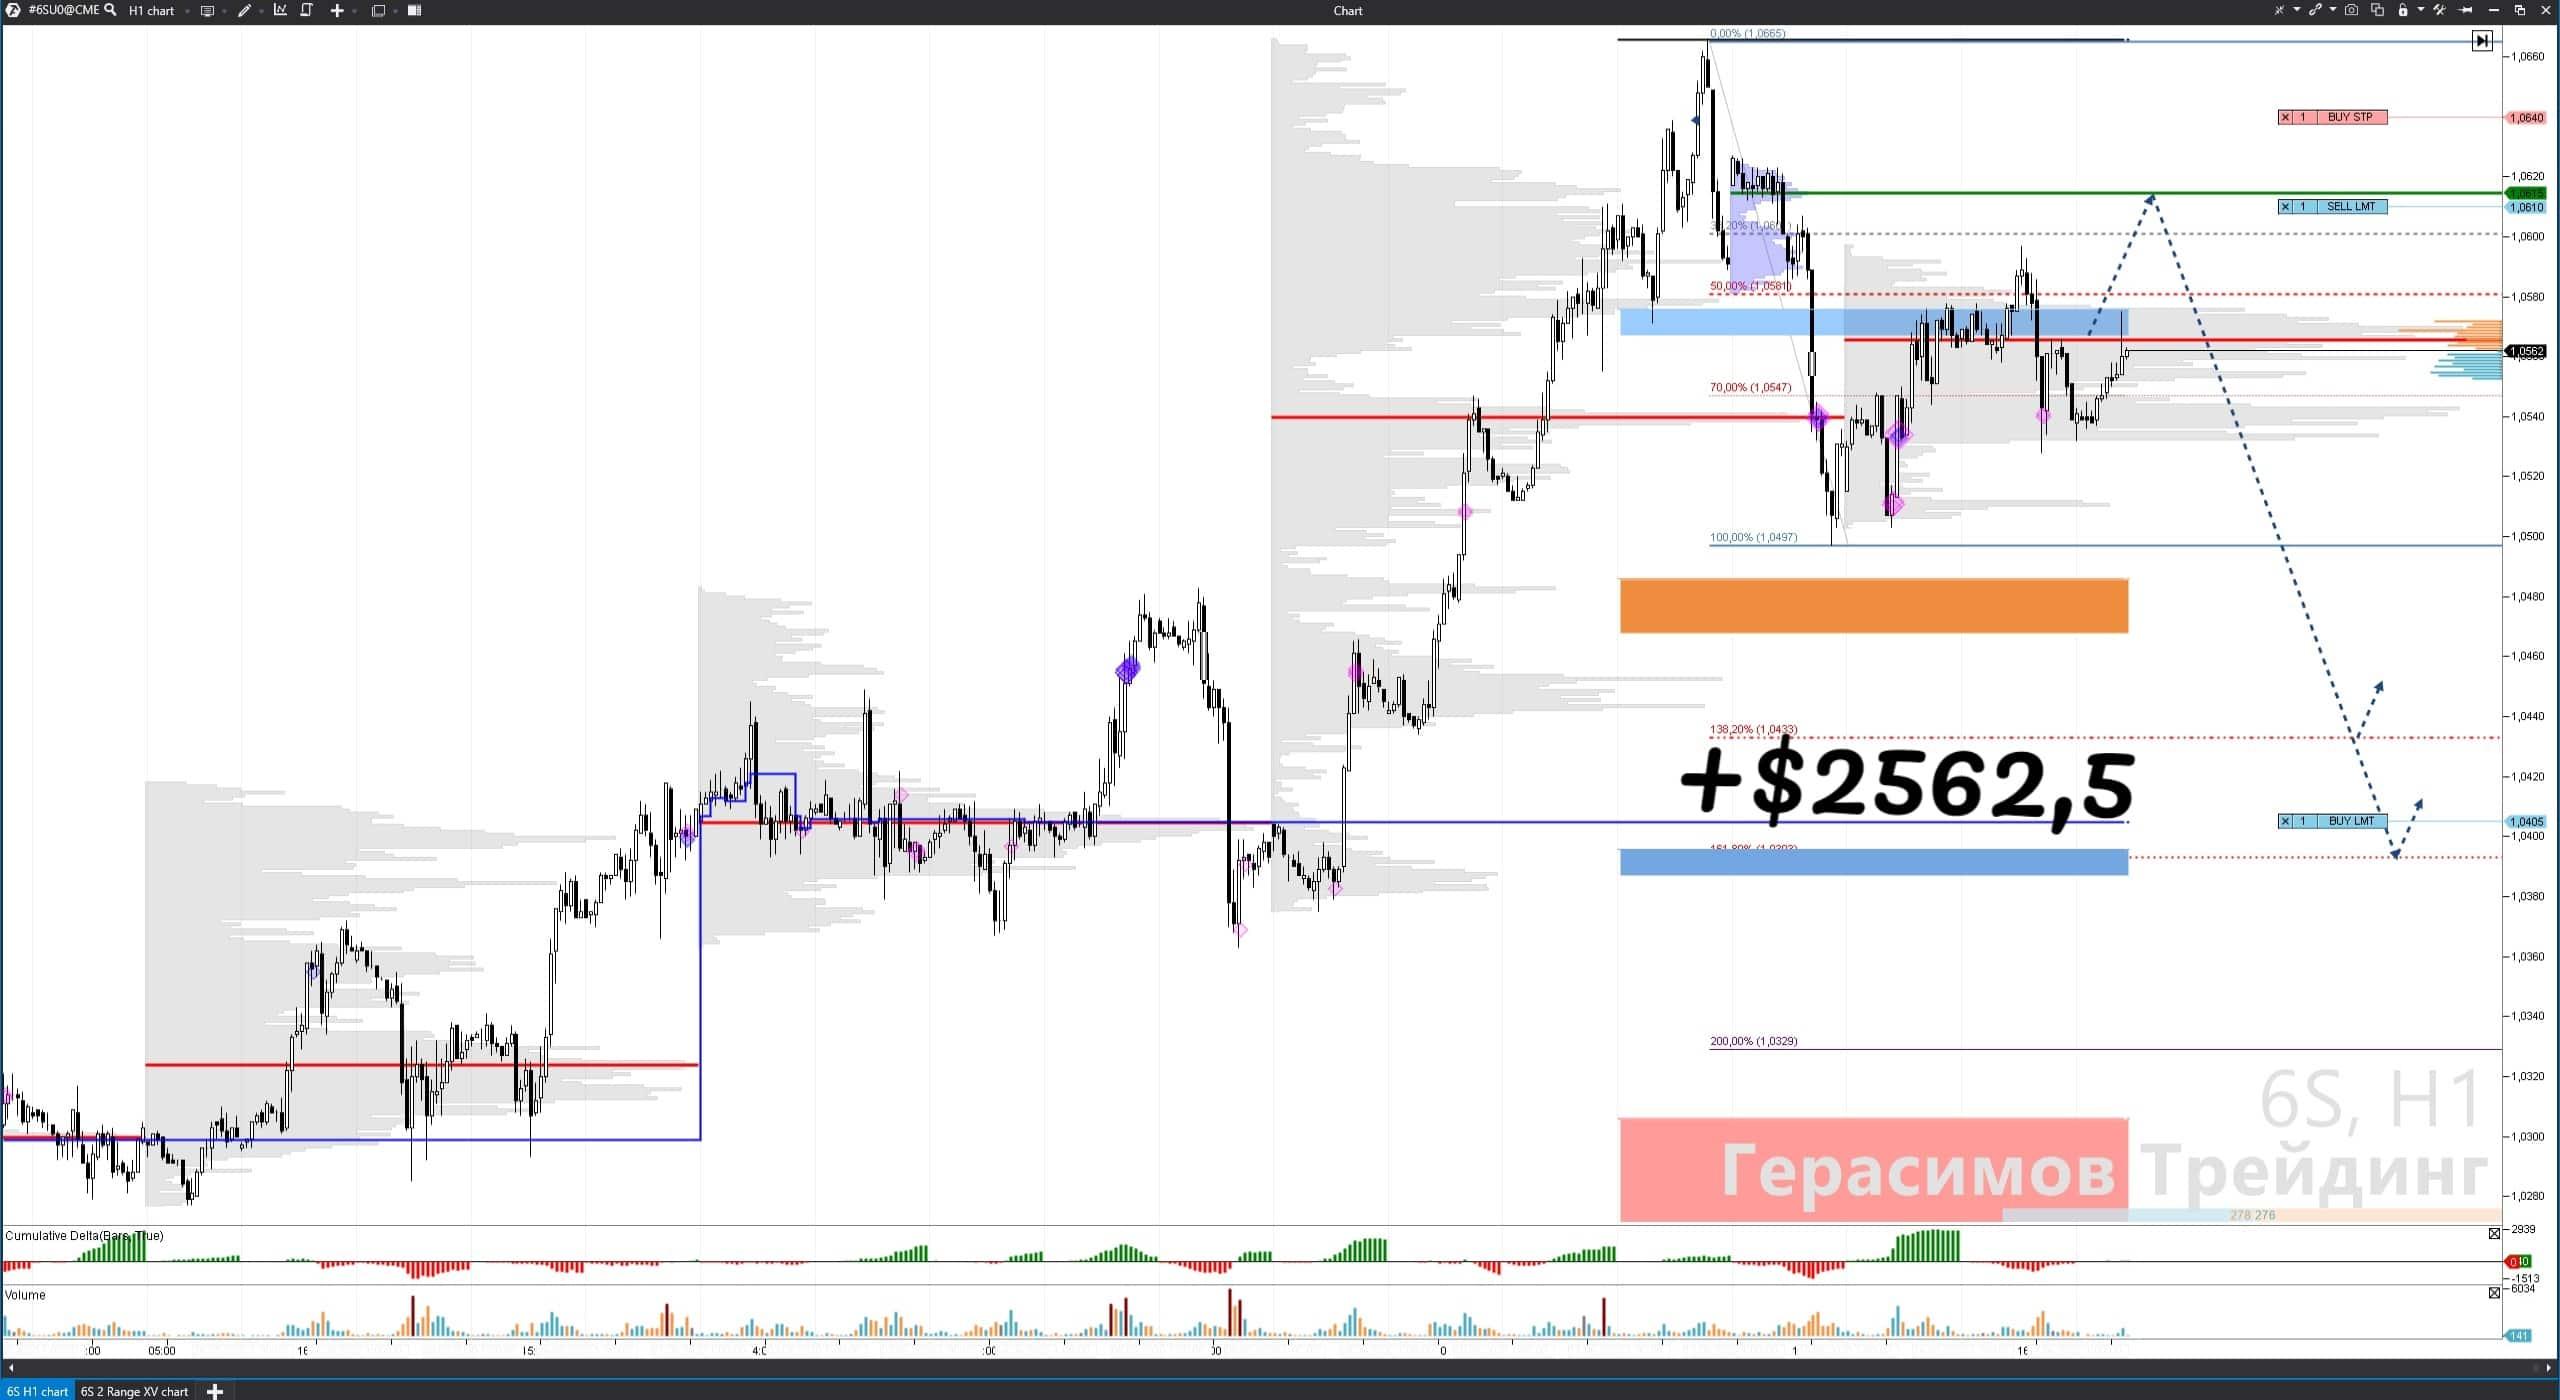 +$2562.5 прибыли по Швейцарскому франку. Торговый сигнал. Герасимов Трейдинг